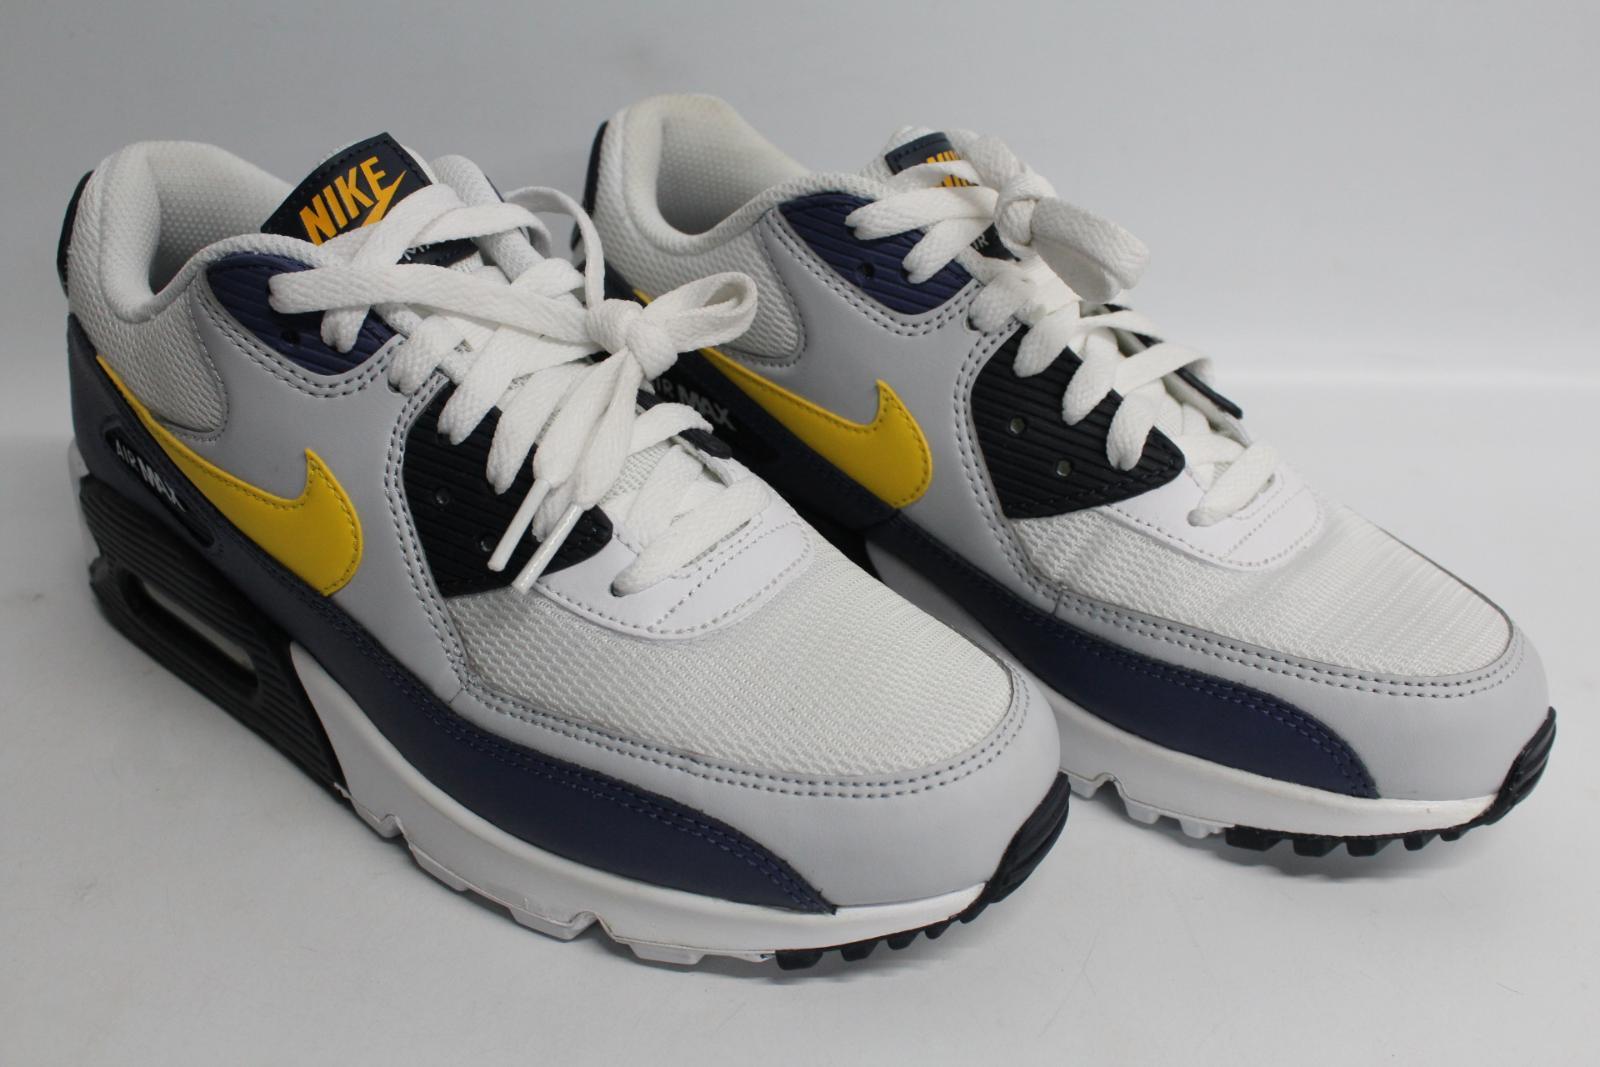 Nike-Men-039-S-Navy-Blu-Giallo-amp-Bianco-AIR-MAX-90-Essential-Scarpe-da-ginnastica-EU41-UK7-NUOVO miniatura 2